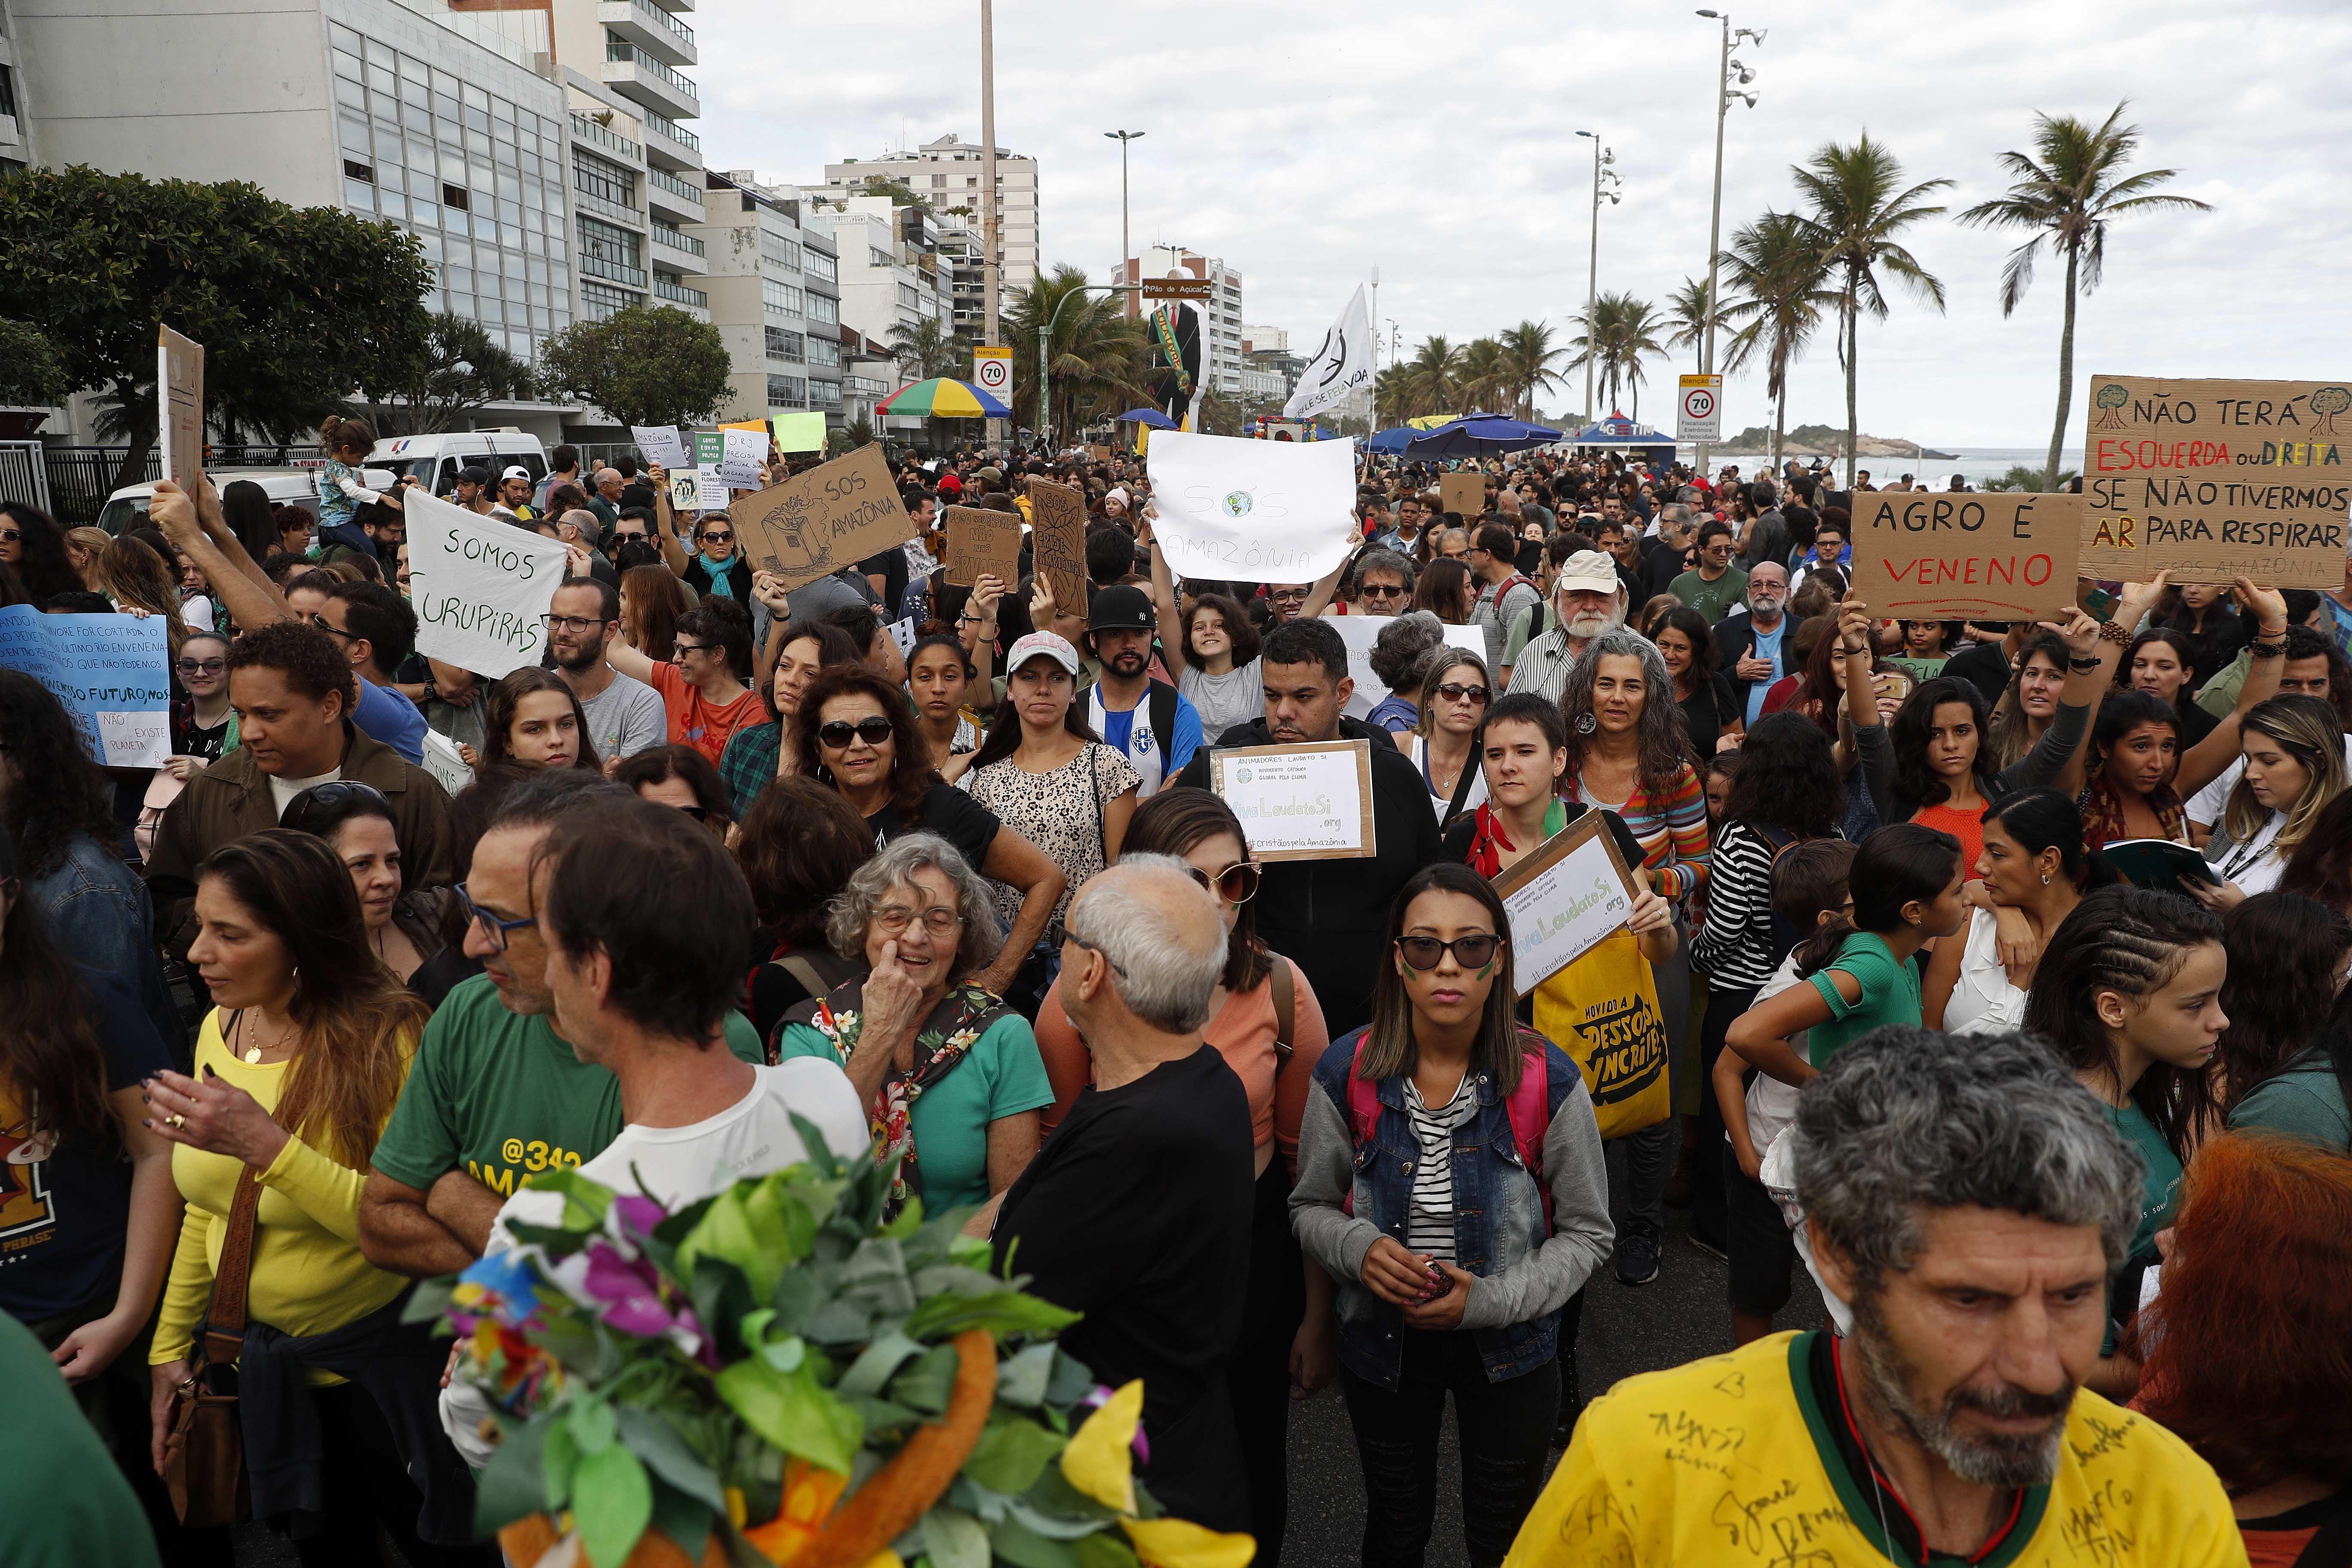 Miles de personas entre las que se cuentan artistas, políticos e intelectuales marchan este domingo en favor de la Amazonía y contra el presidente brasileño Jair Bolsonaro en la playa de Ipanema. EFE/Marcelo Sayão